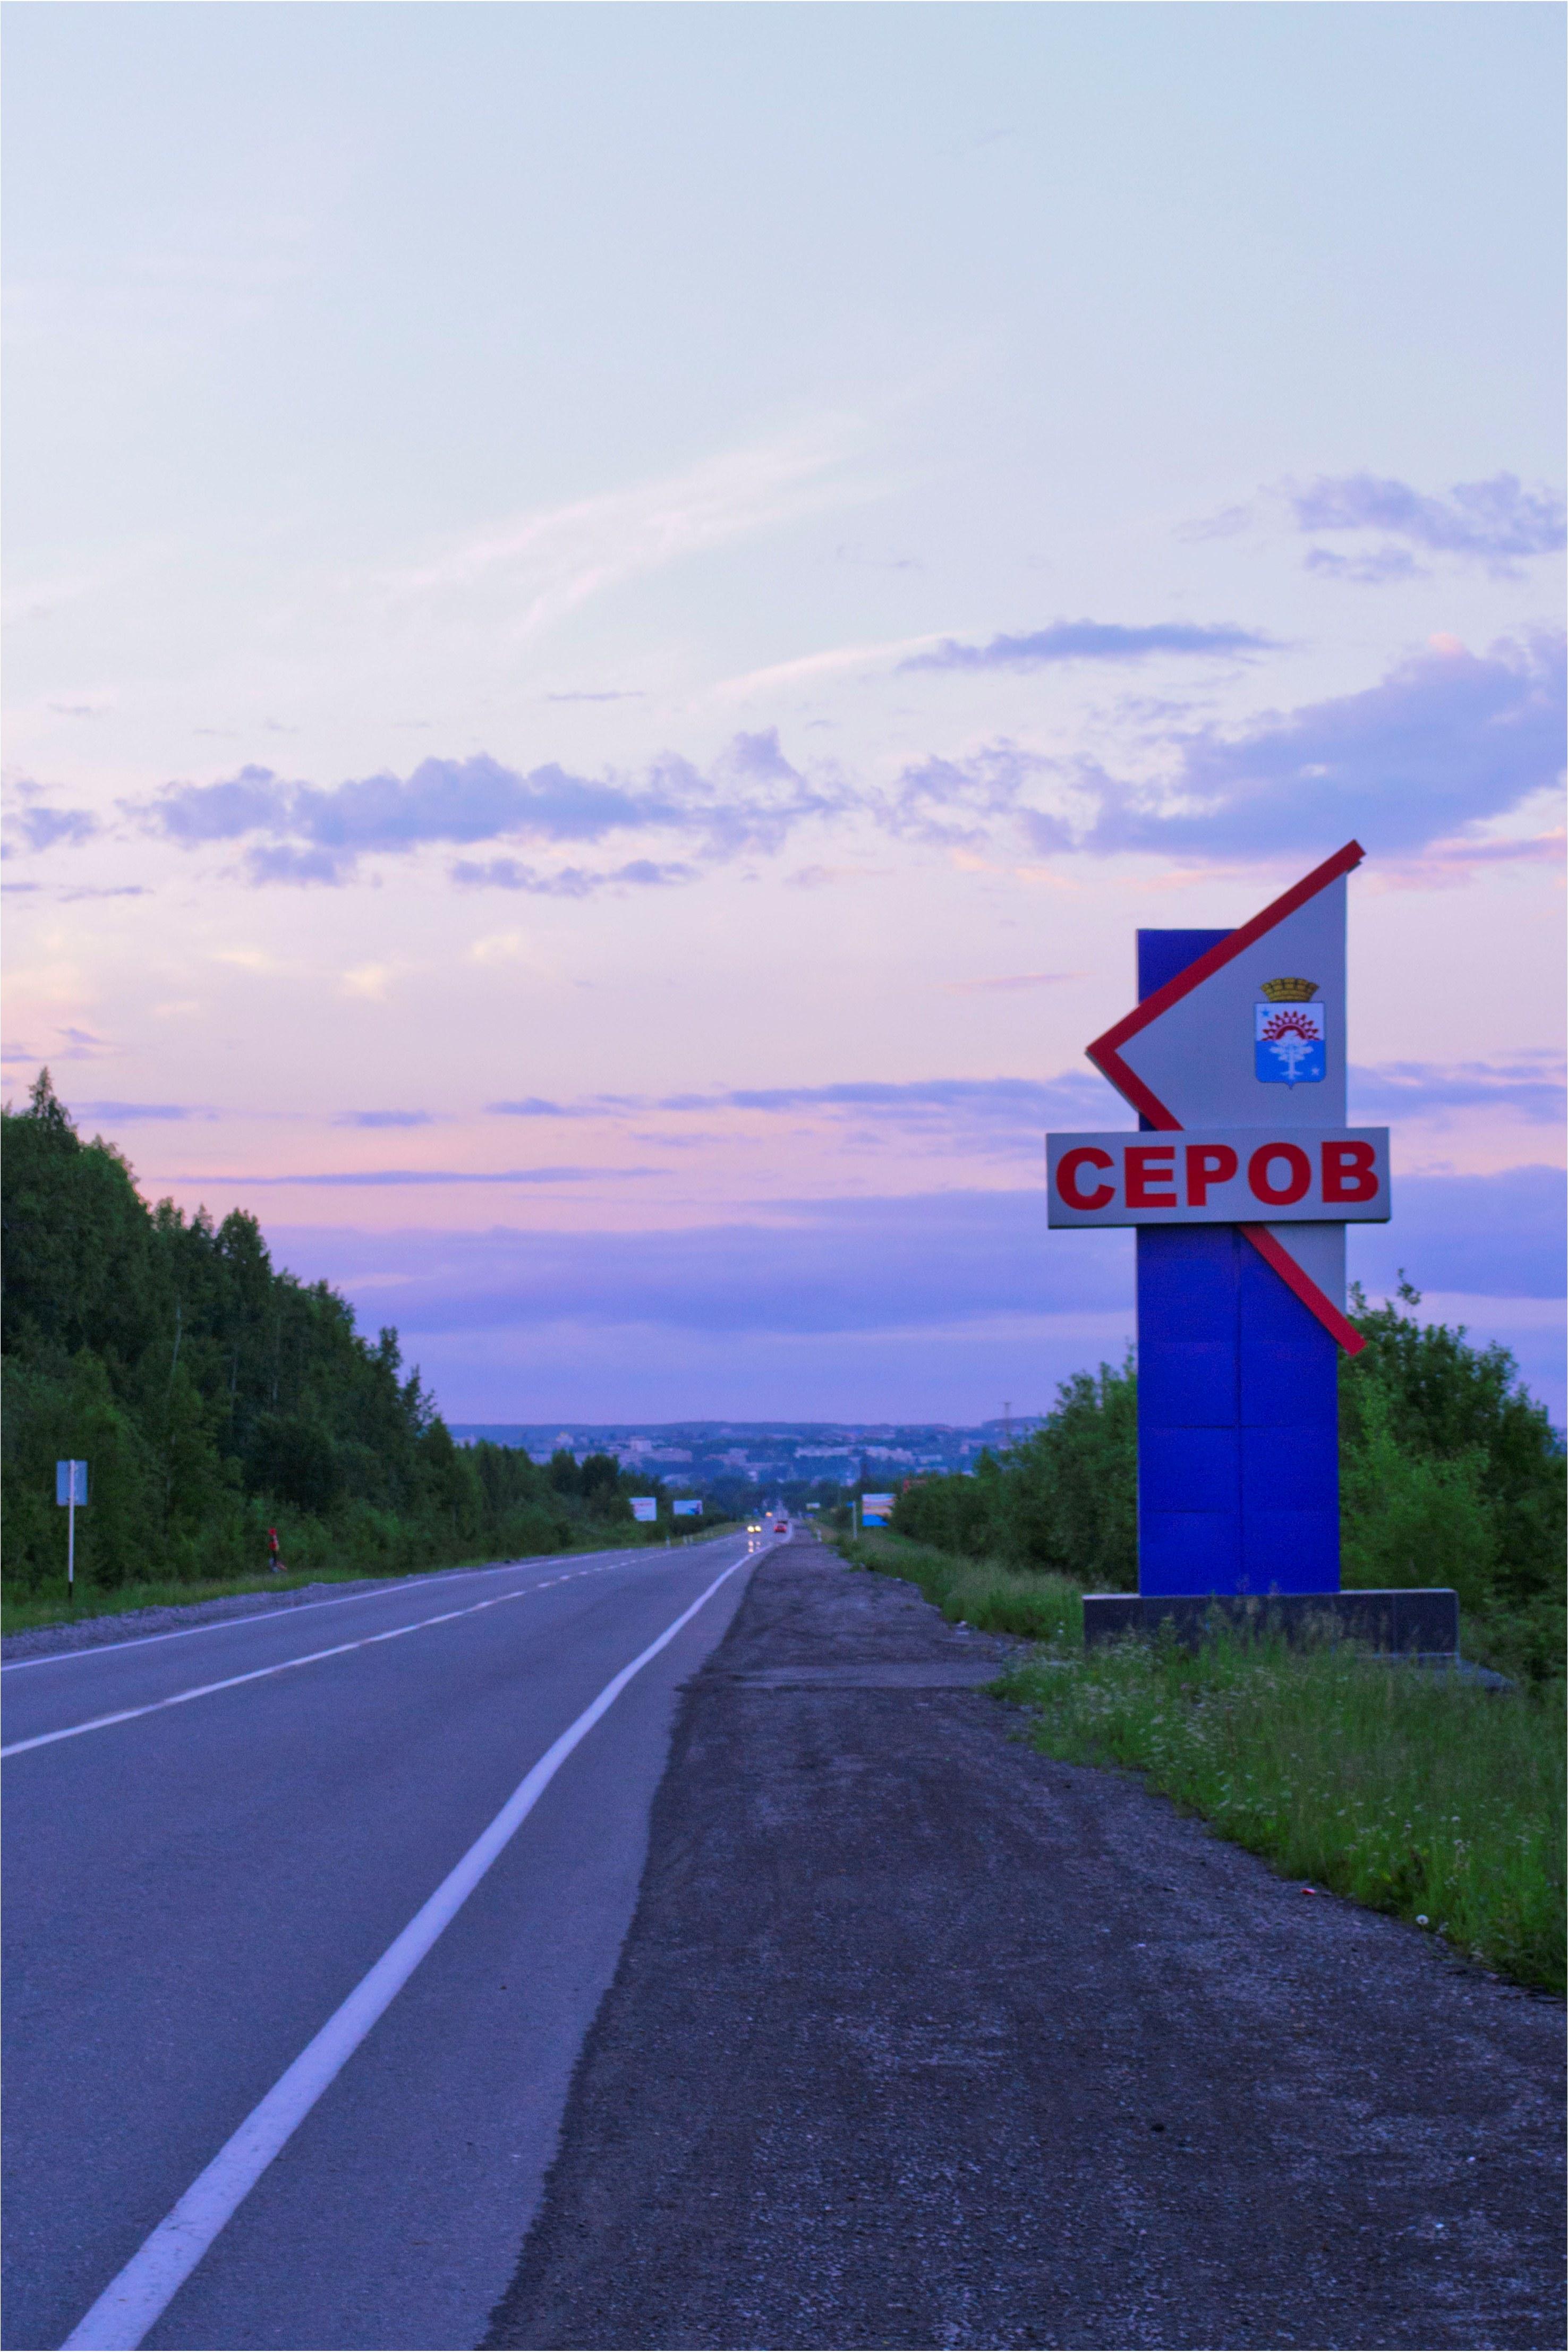 Trip Закладка Серов где можно купить эфедрин в новосибирске